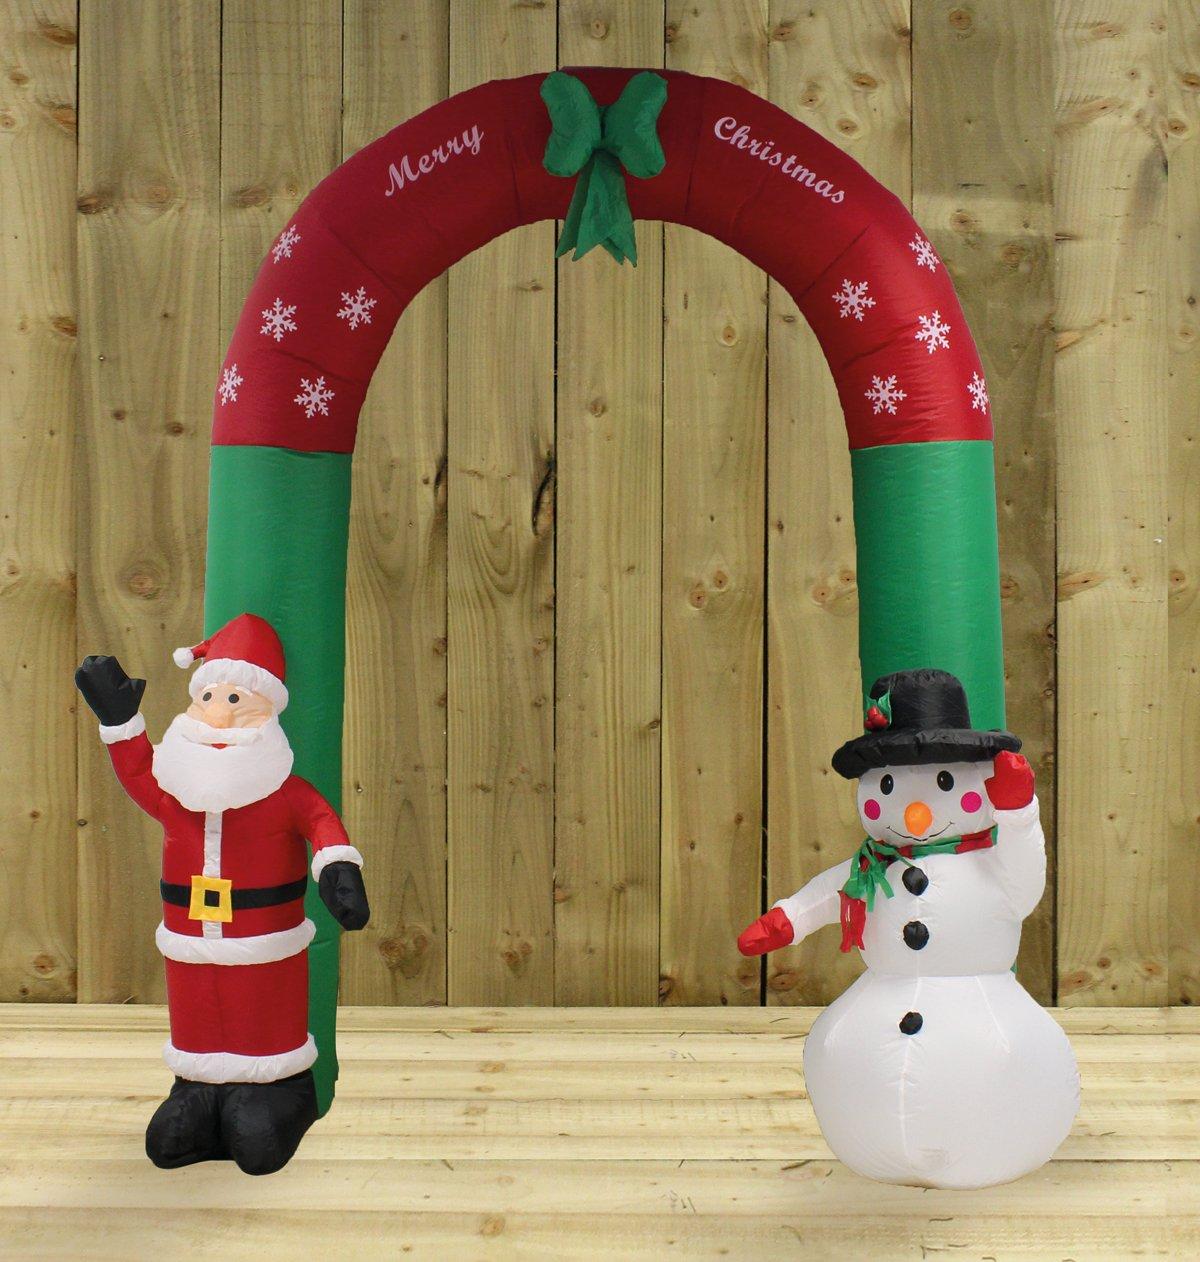 a5a370d1f8142 Kingfisher Arco Hinchable de Papá Noel y Muñeco de Nieve (240 cm)   Amazon.es  Hogar